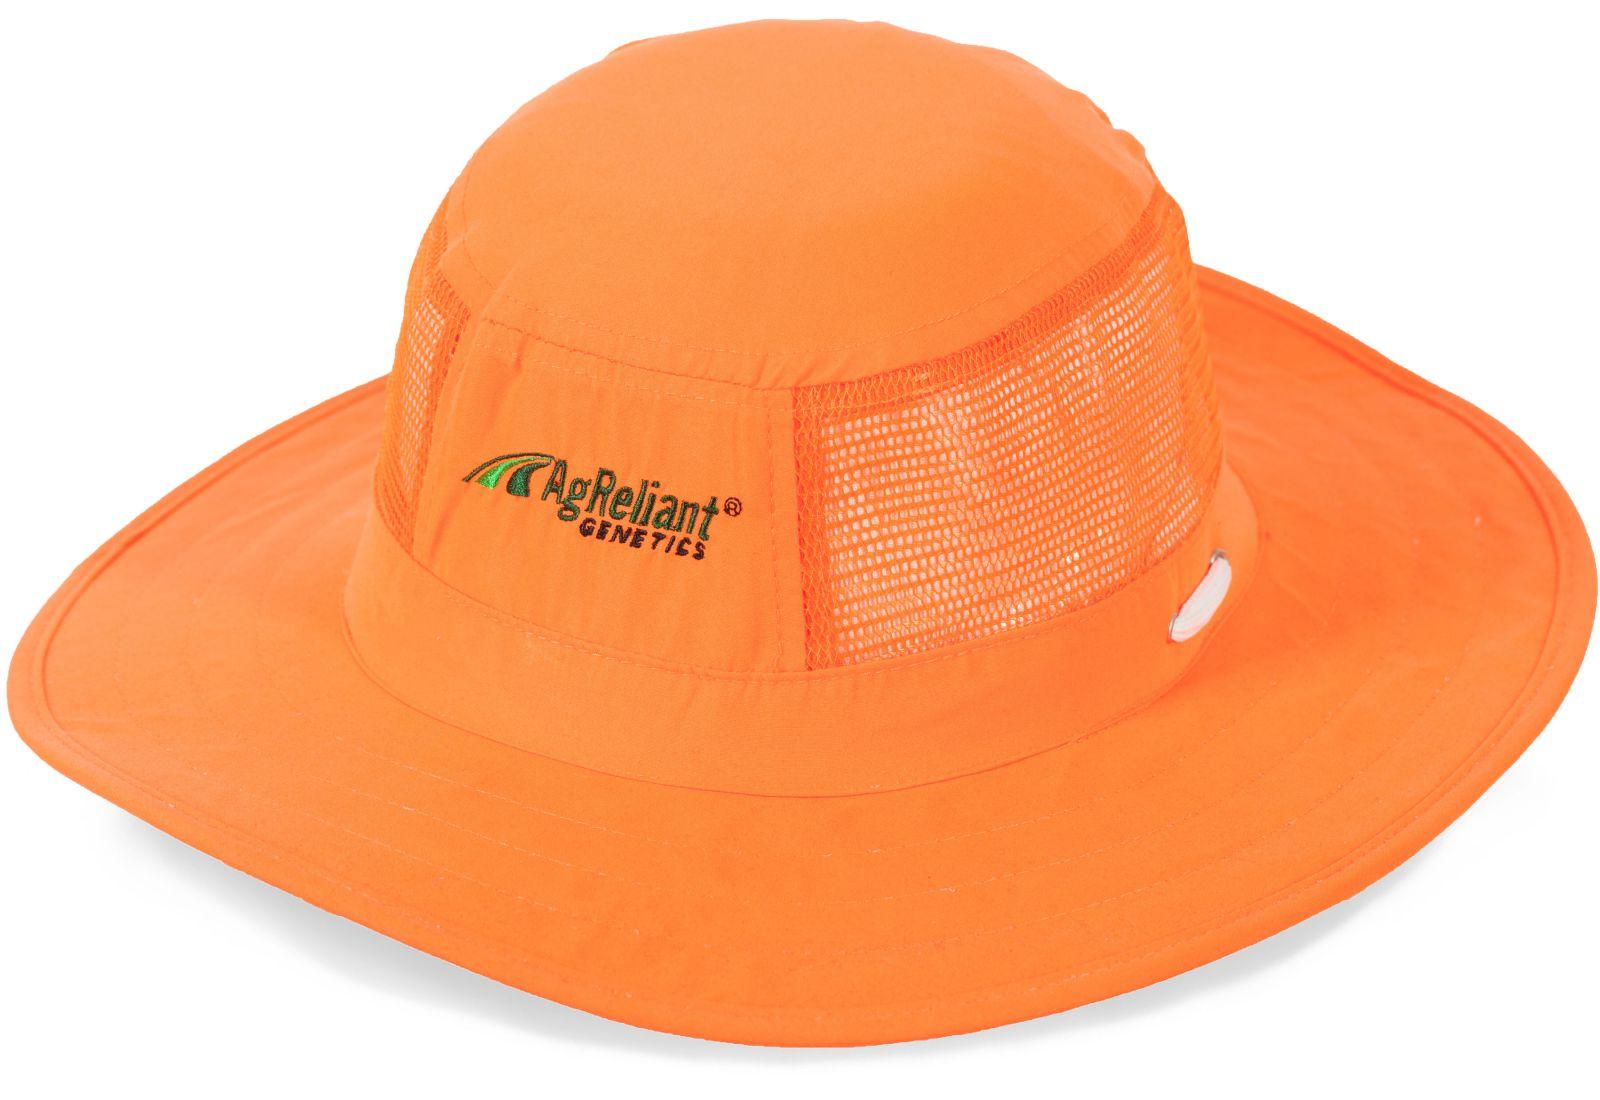 Яркая солнечная шляпа для хорошего отдыха